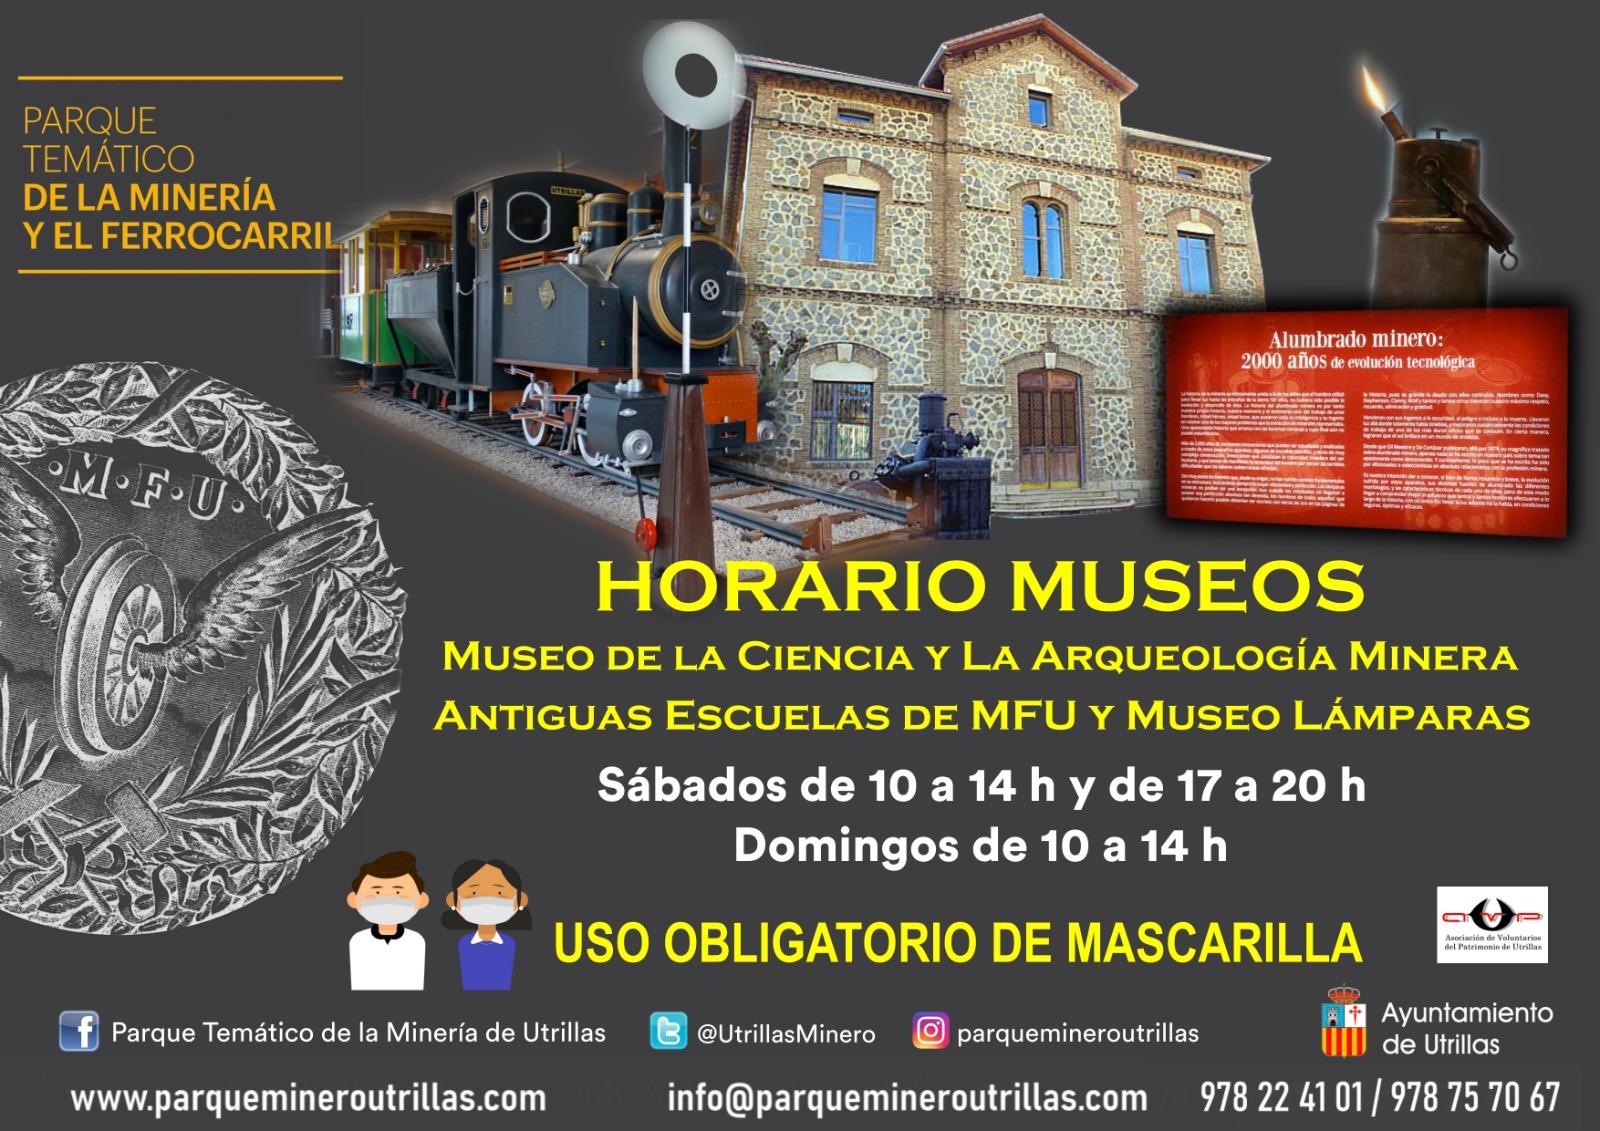 horarios museos Parque Minero Utrillas